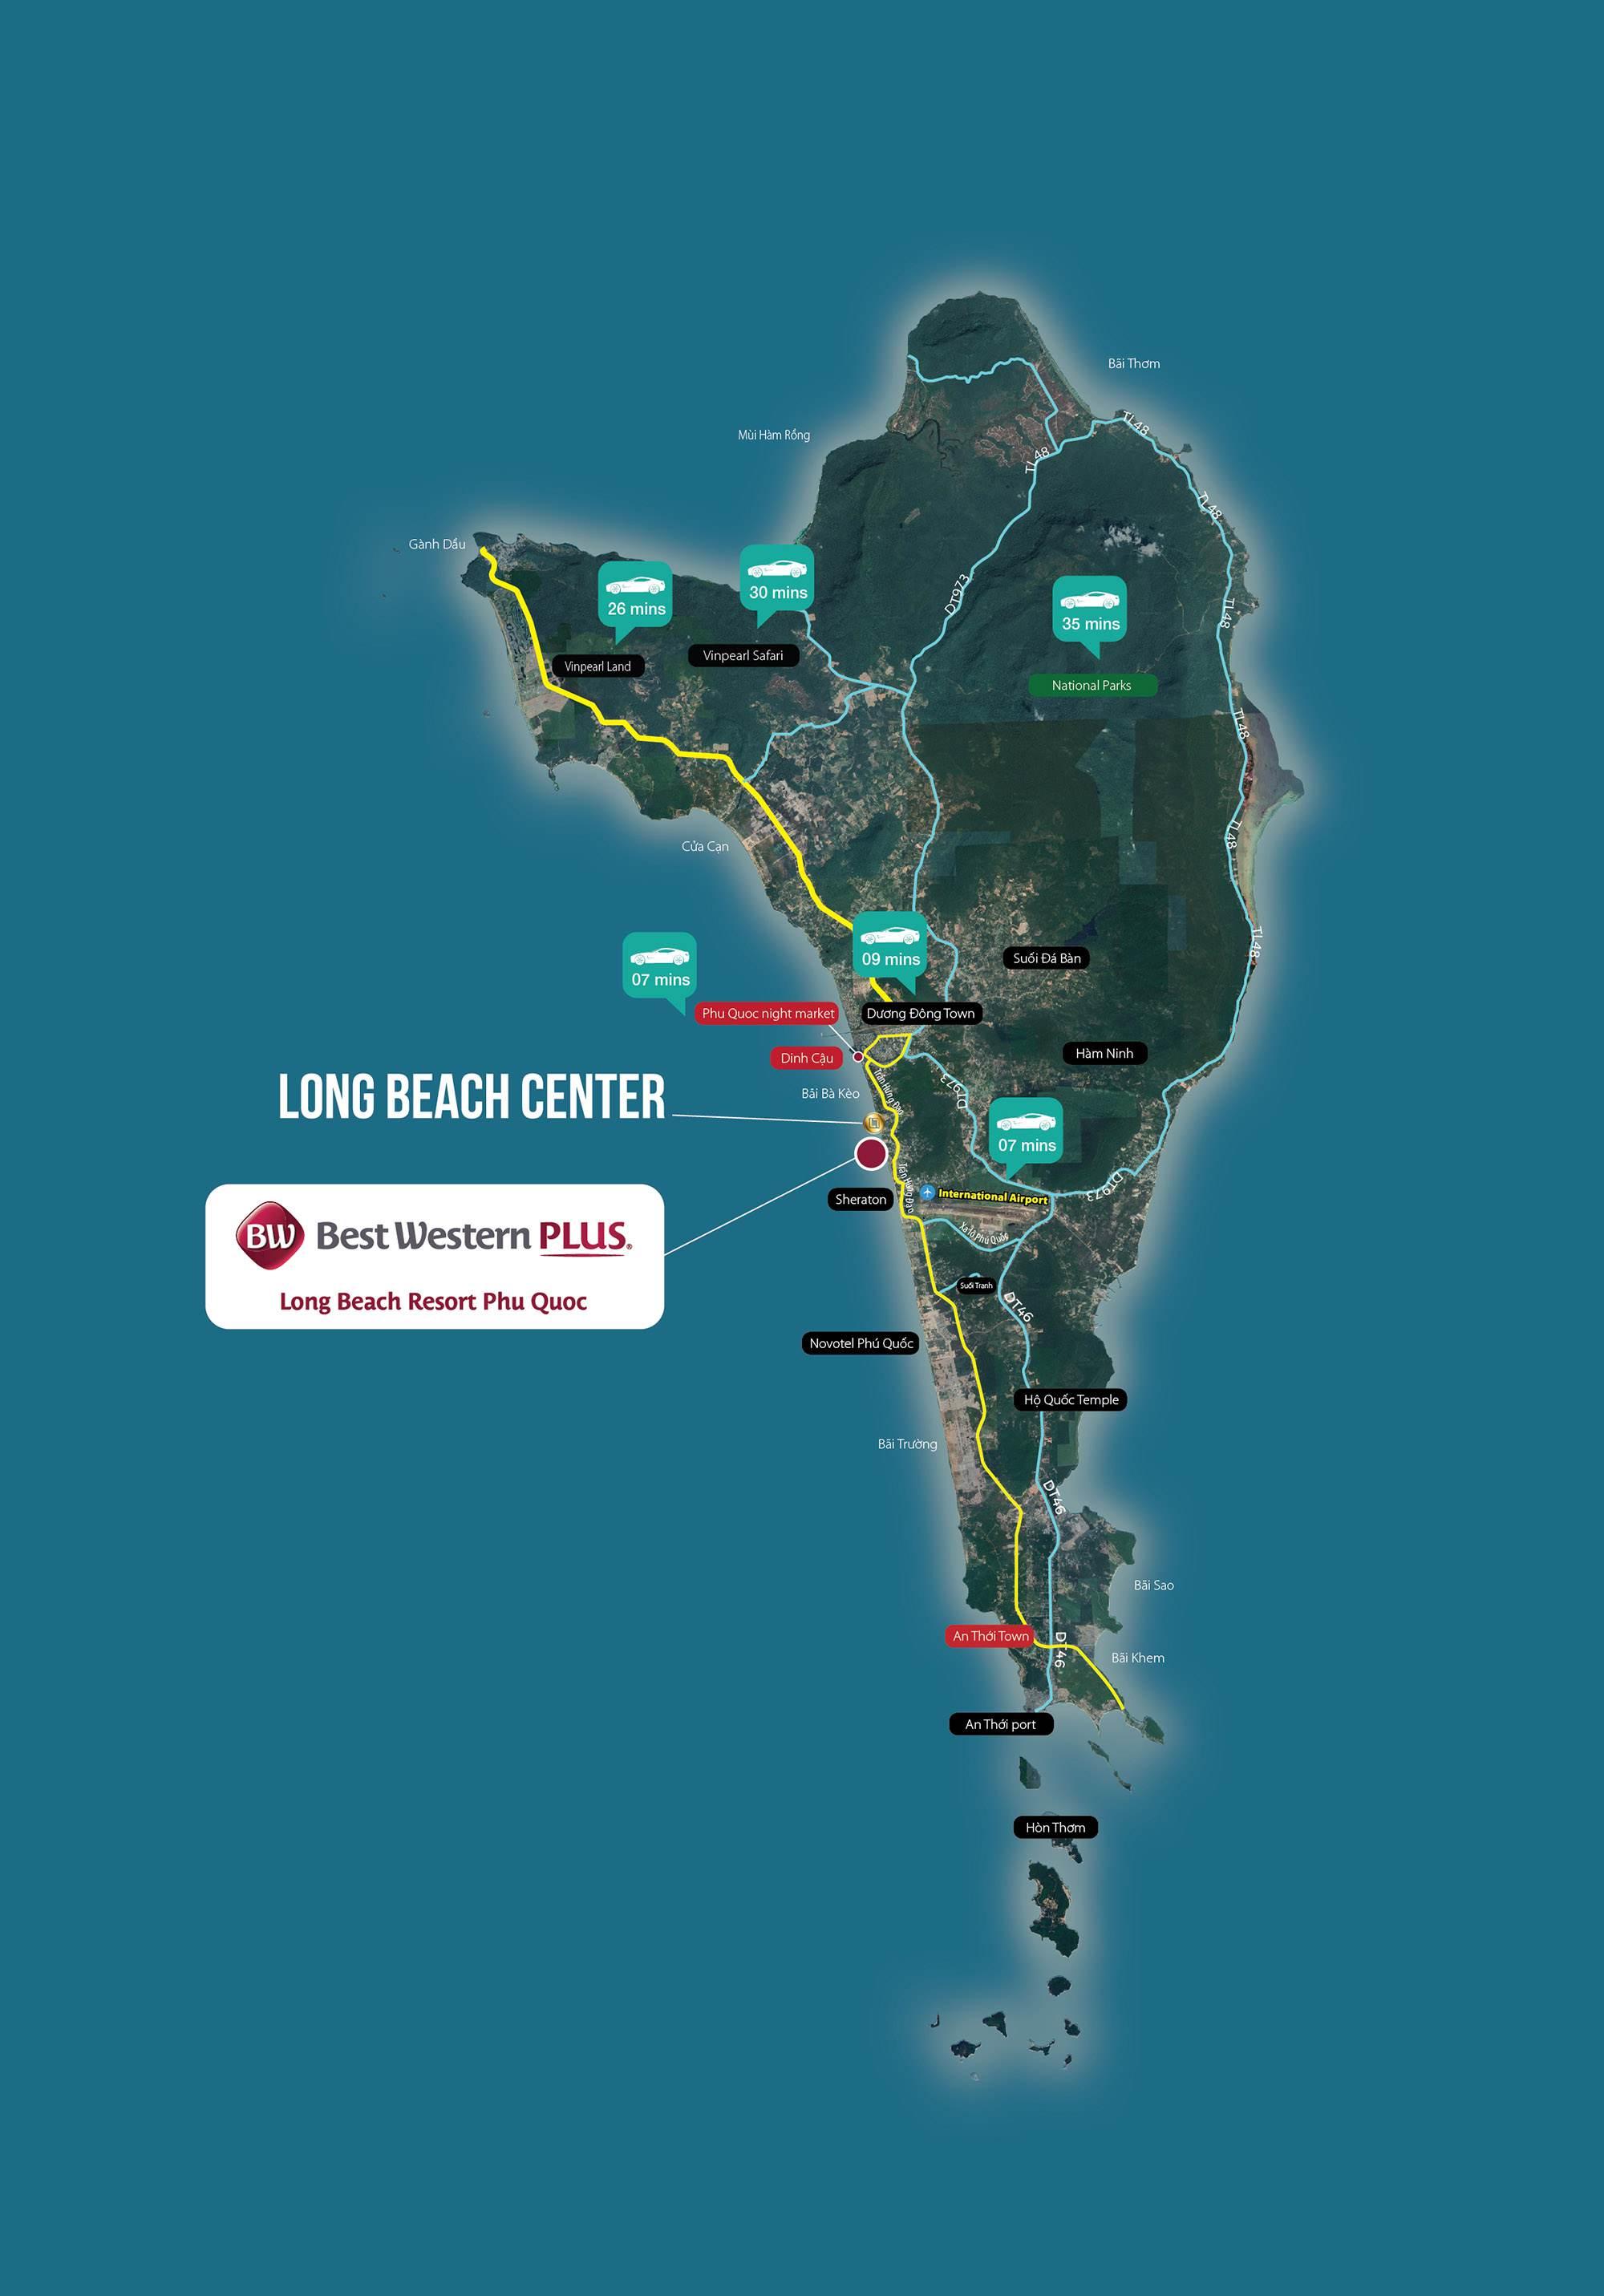 Best Western Plus Long Beach Resort Phú Quốc - Vị Trí Dự Án